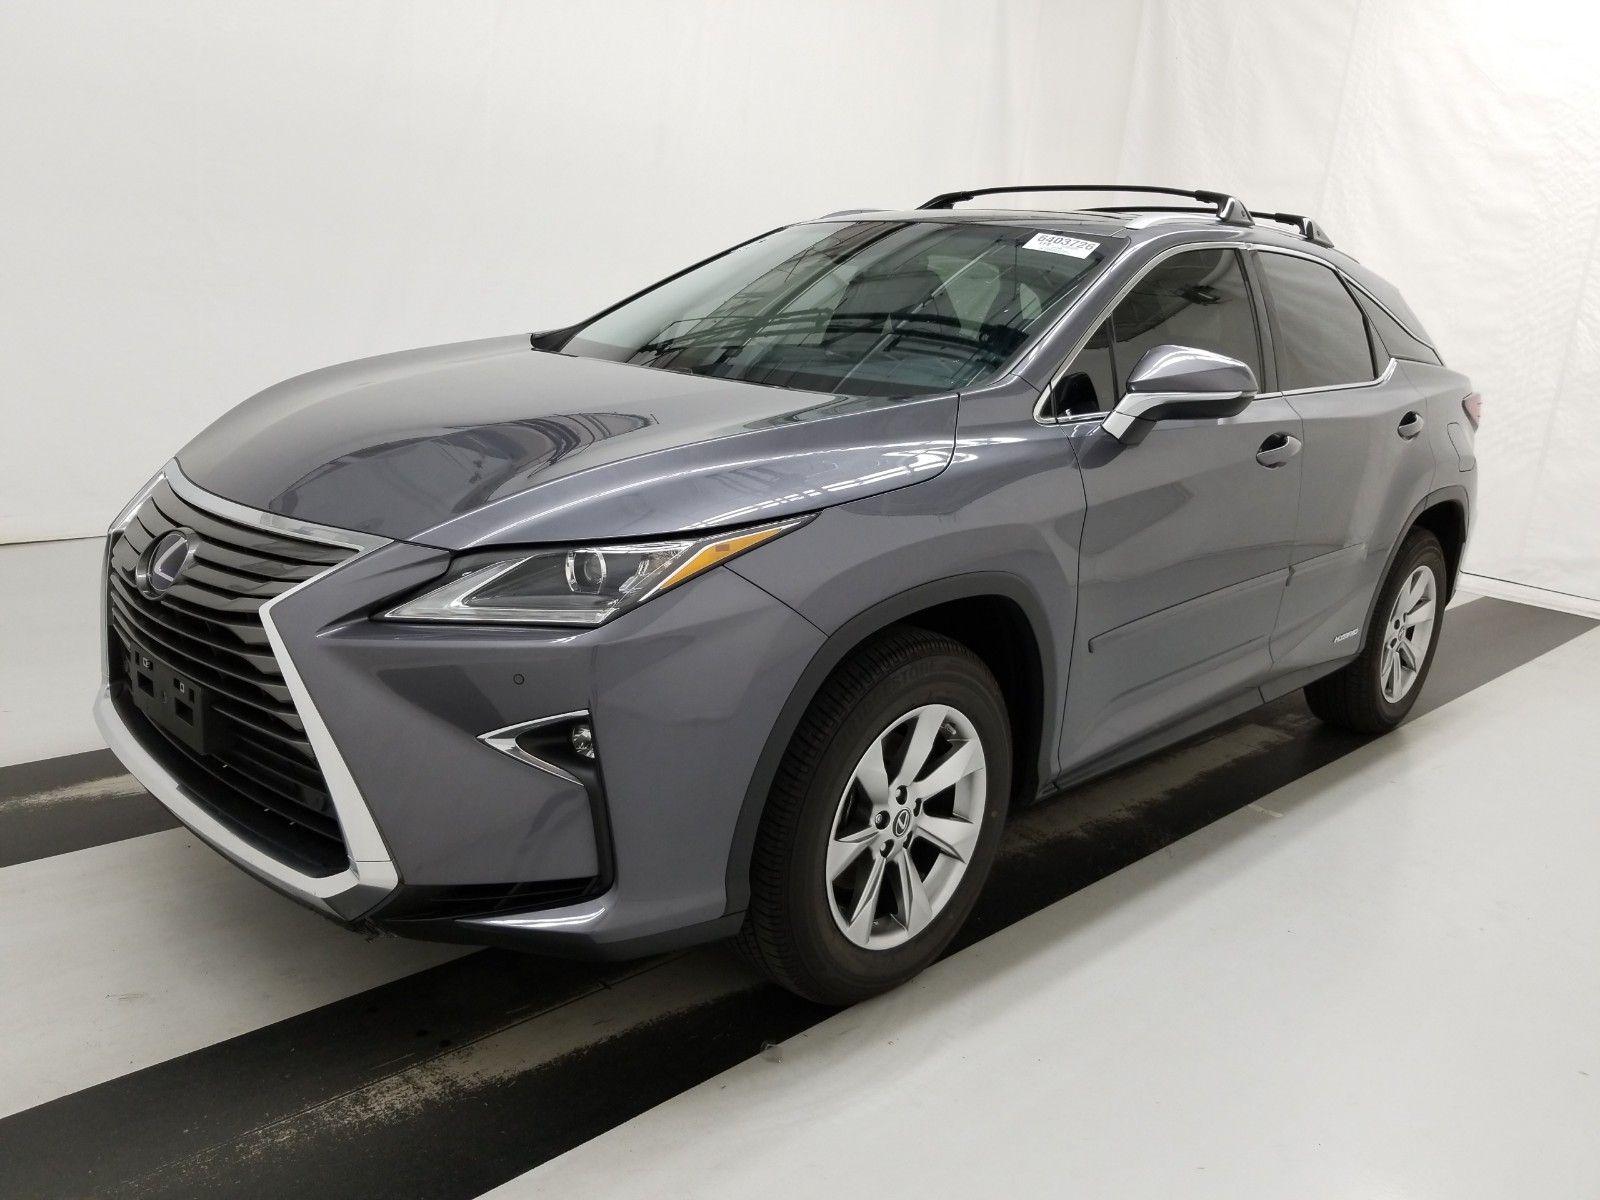 2018 Lexus Rx 3.5. Lot 99920921519 Vin 2T2BGMCAXJC023790